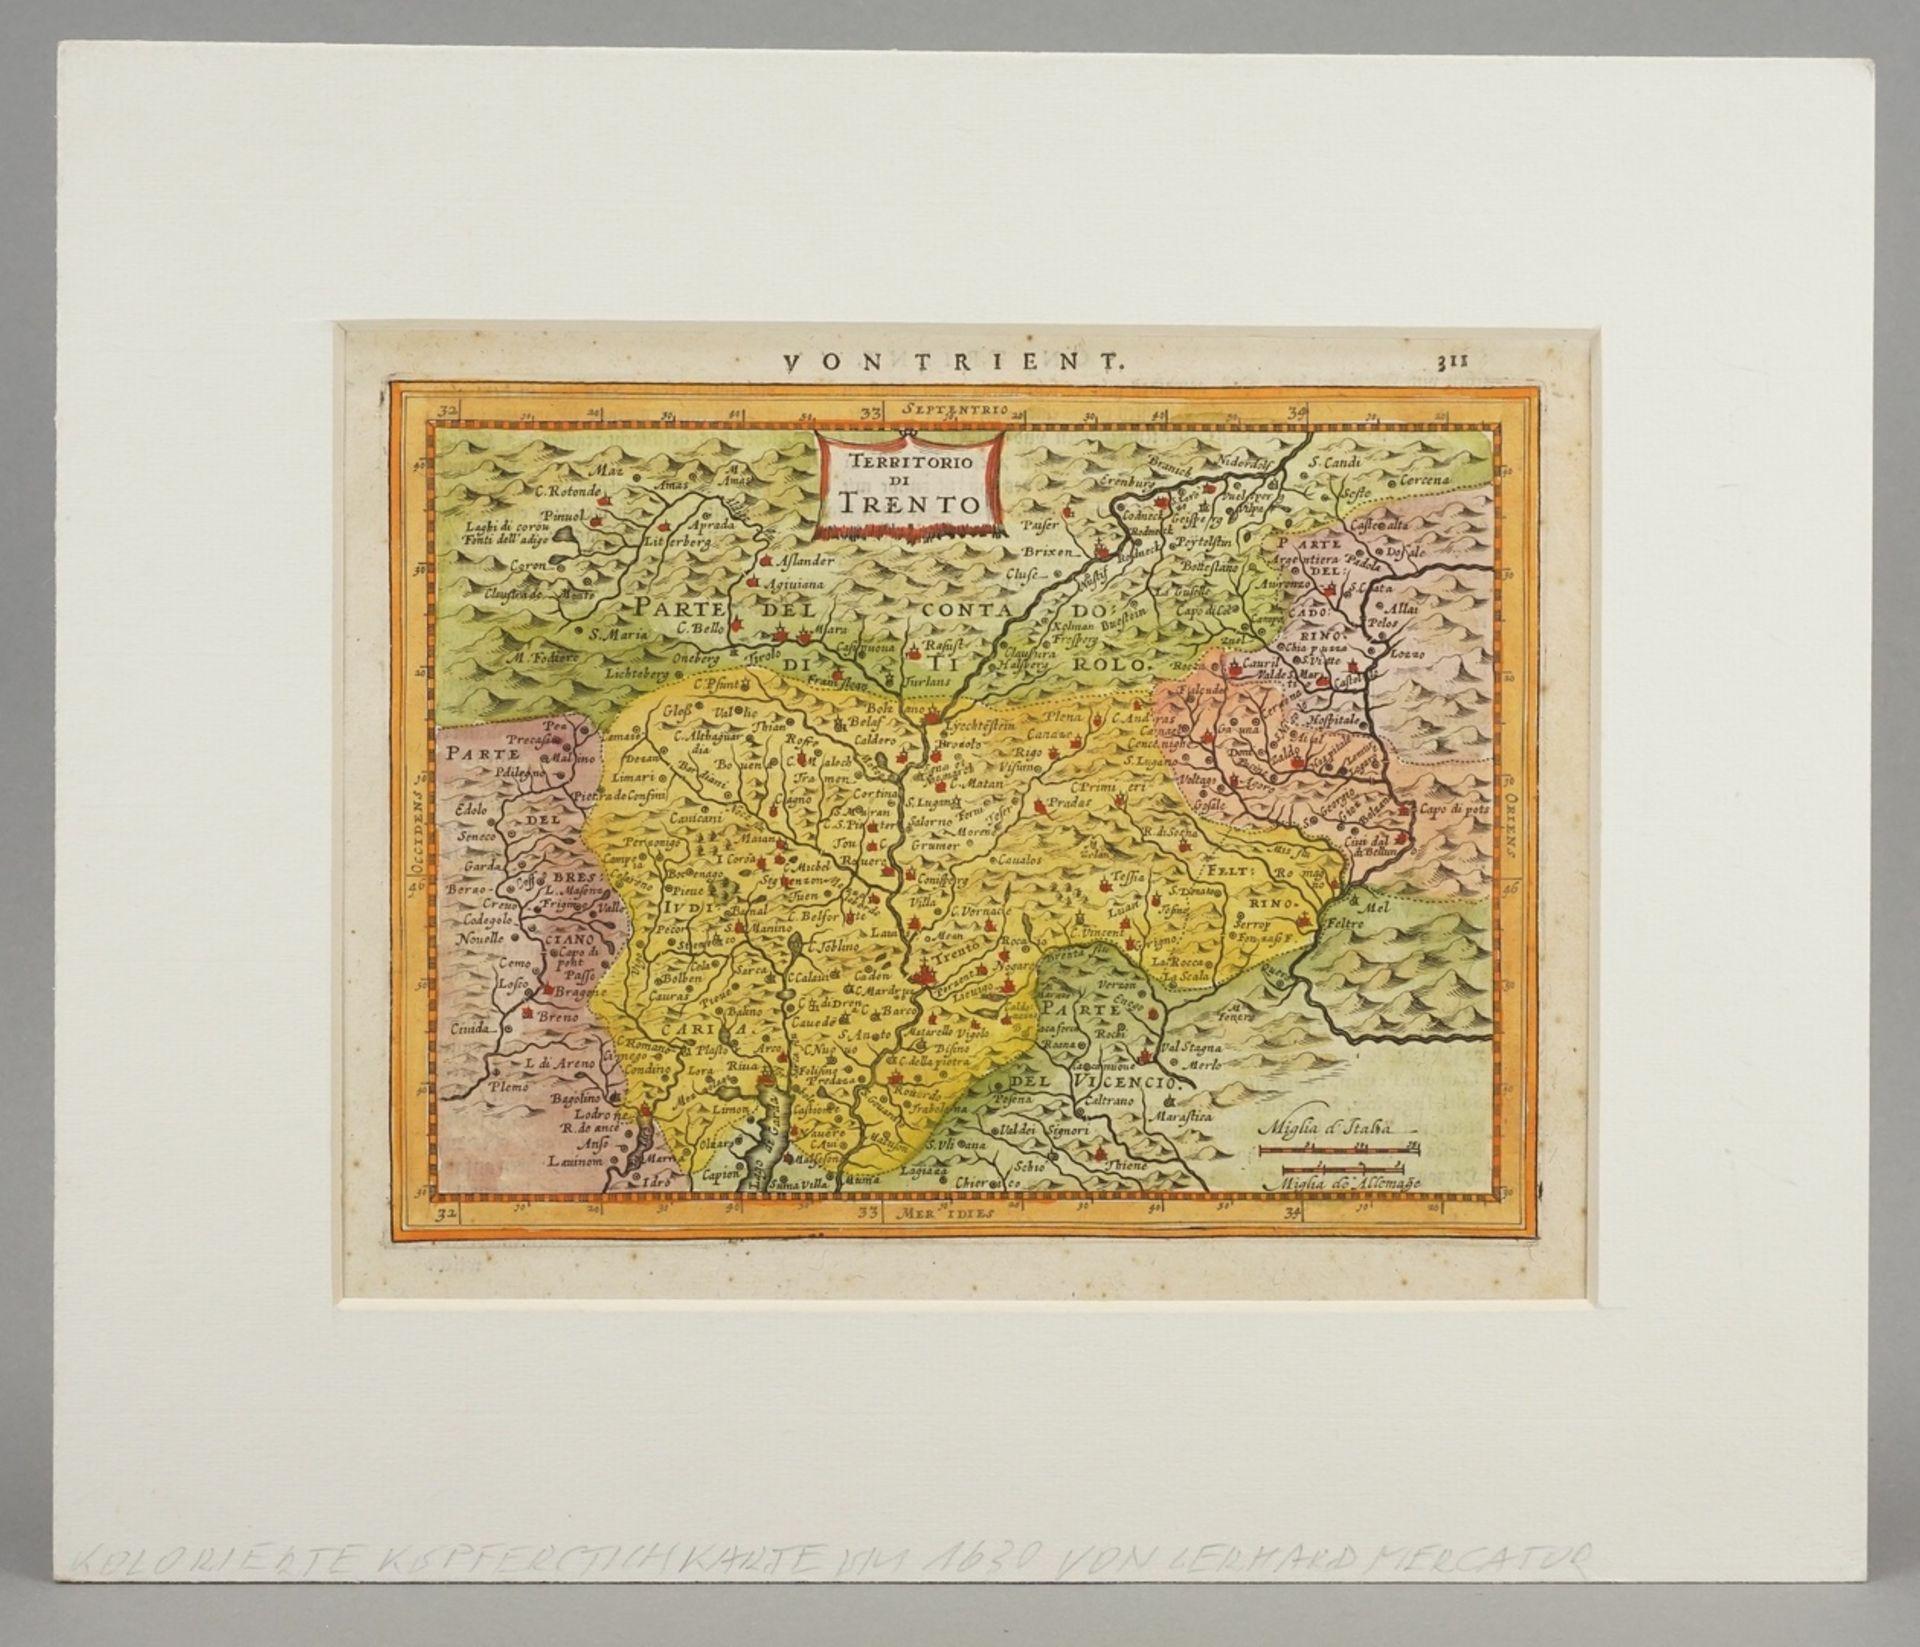 """Gerhard Mercator, """"Von Trient / Territorio di Trento"""" (Landkarte der Gegend um Trient, Südtirol) - Bild 2 aus 4"""